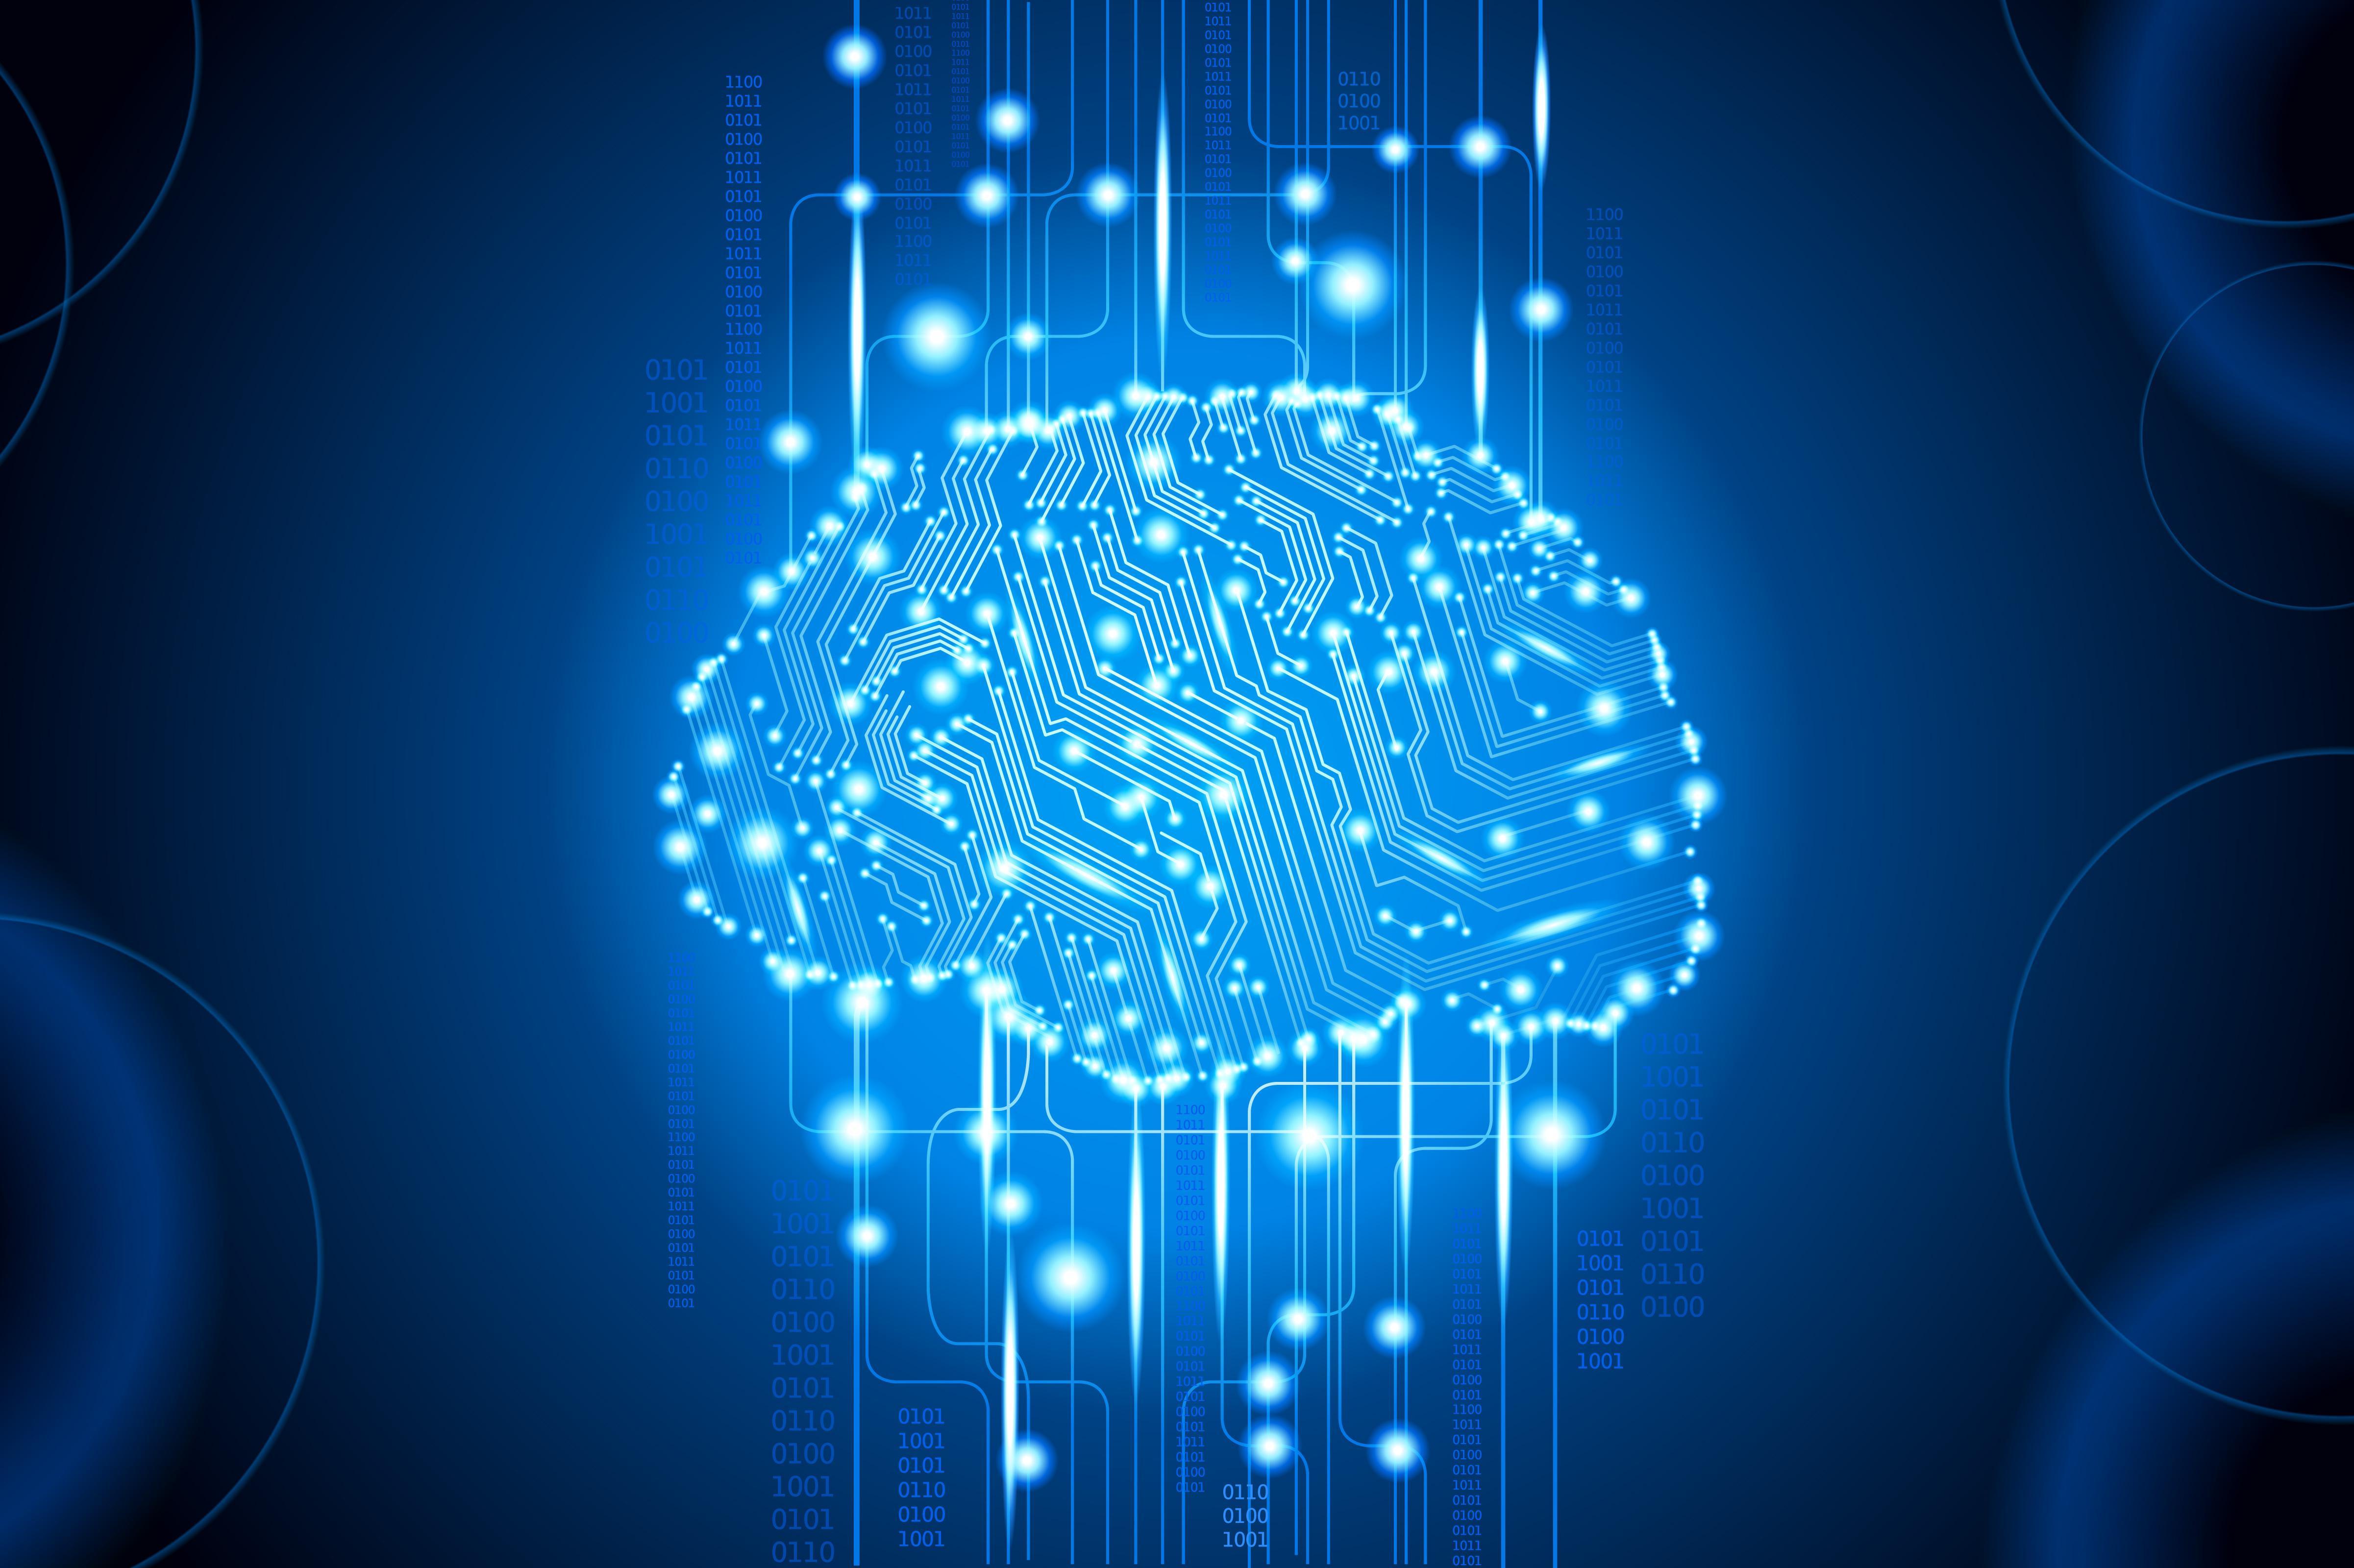 为什么要给 LM 加上神经网络?